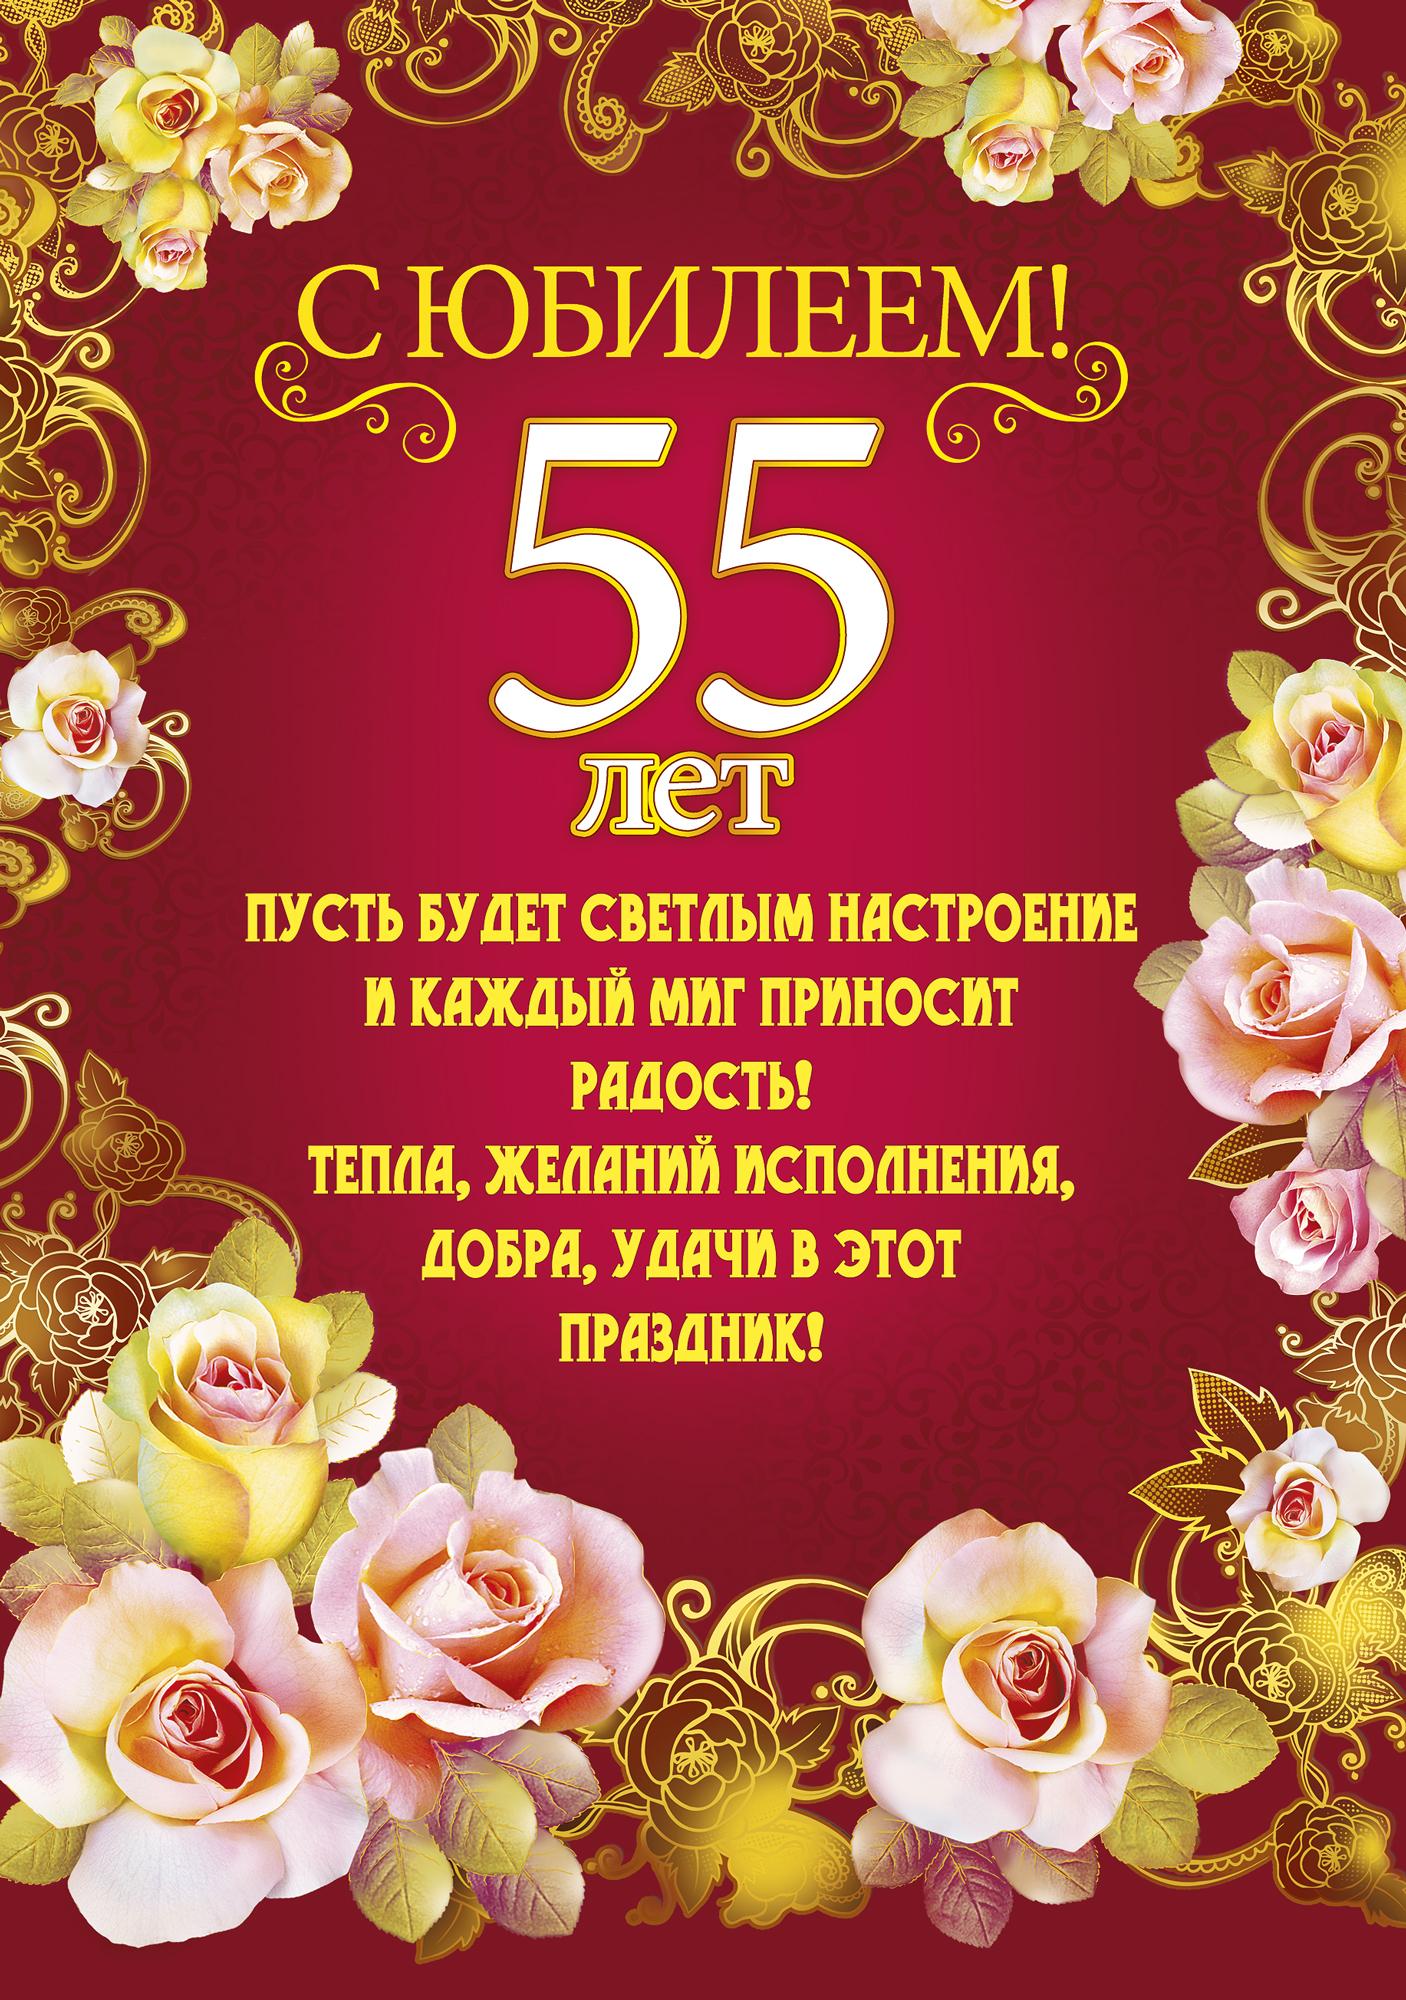 Короткое поздравление с 55 летним юбилеем женщине 28